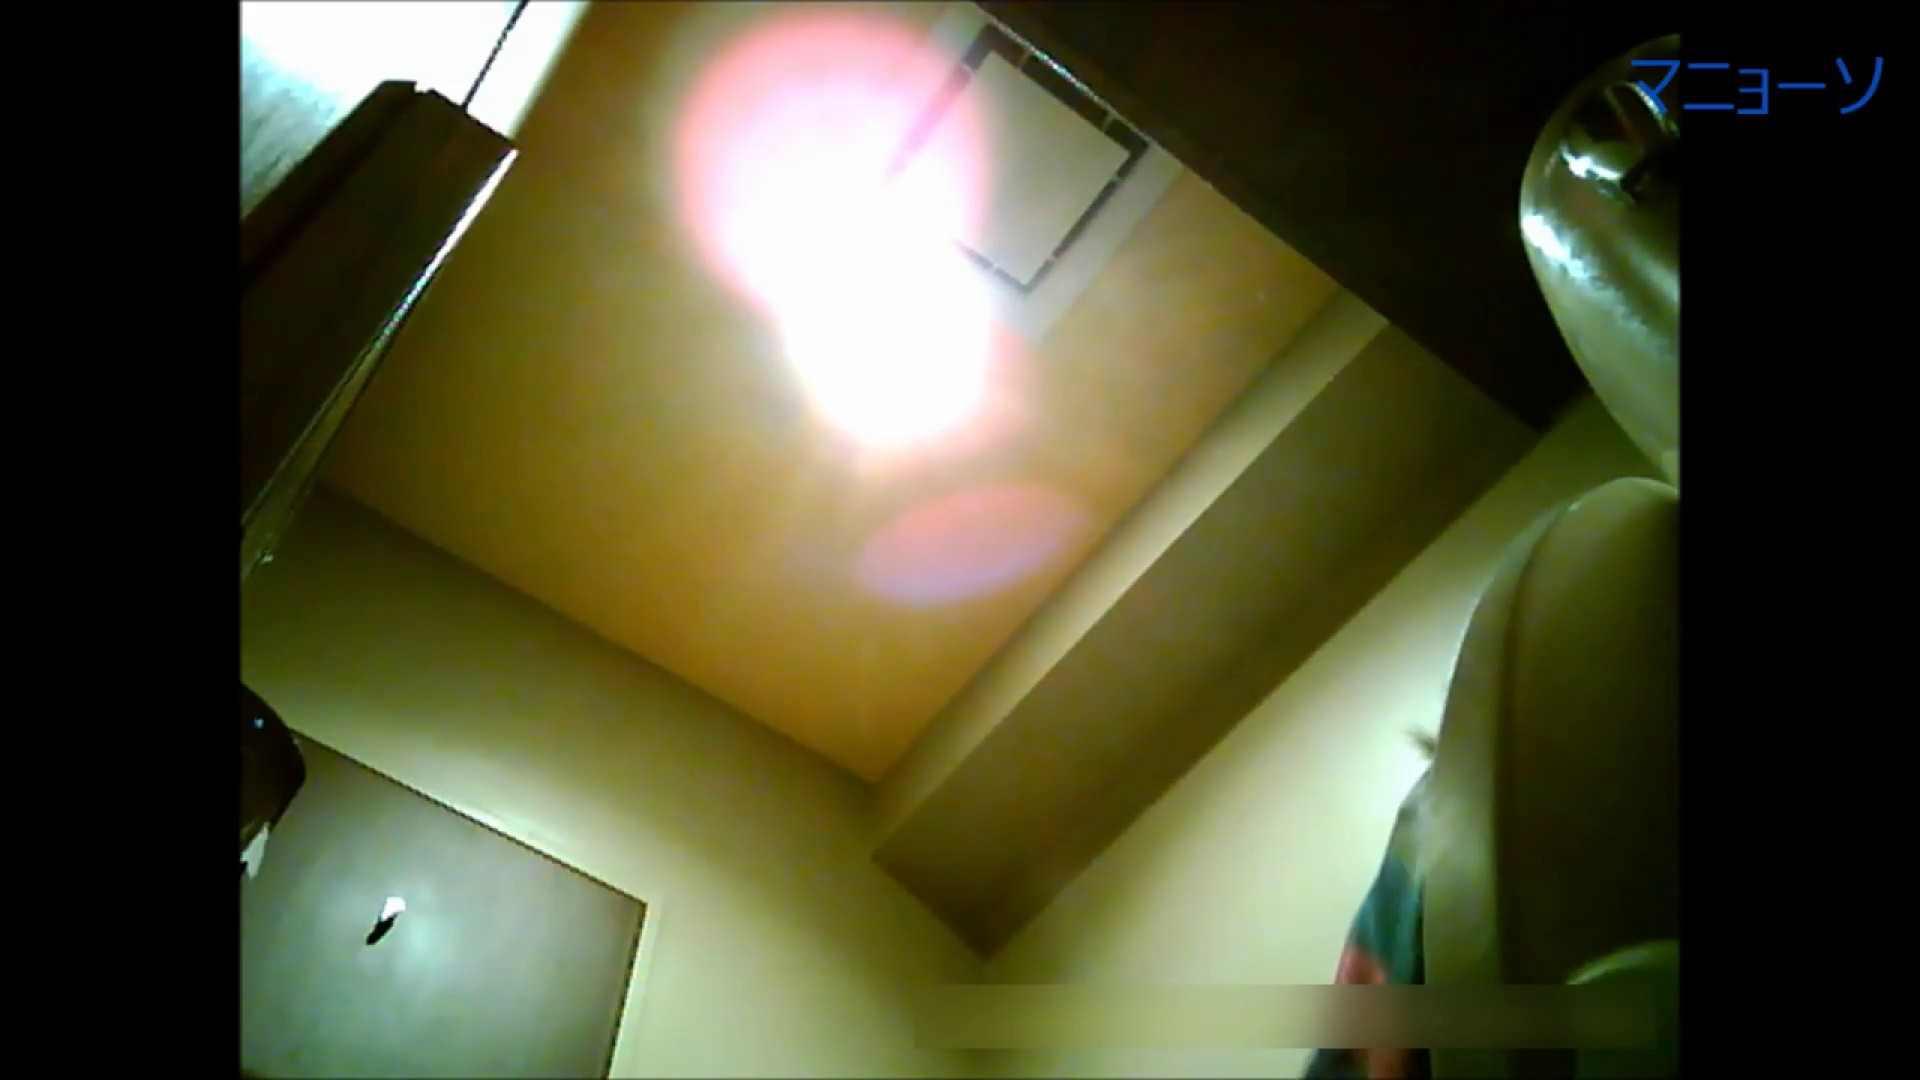 トイレでひと肌脱いでもらいました (JD編)Vol.02 トイレ  80pic 58